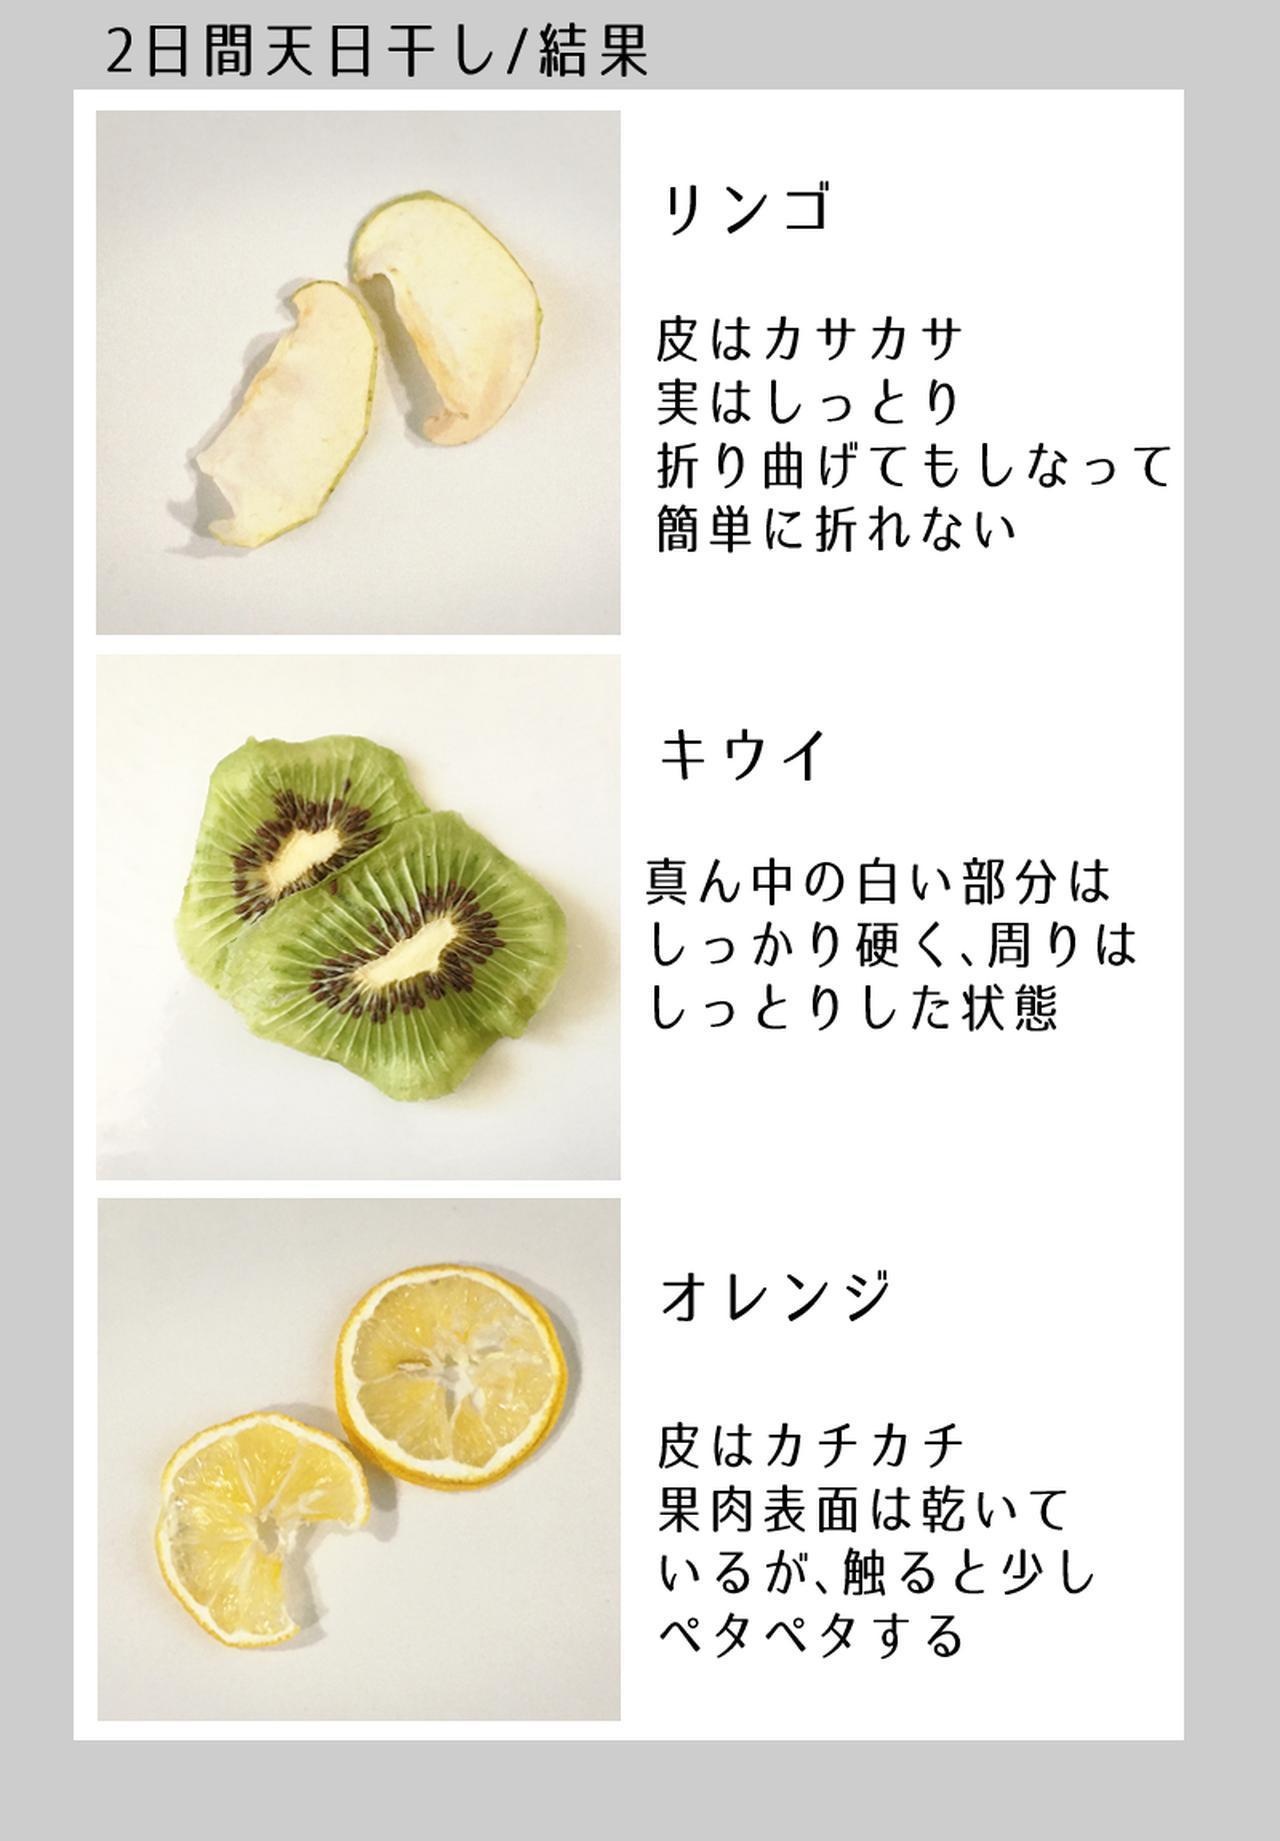 ドライ フルーツ 作り方 レモン 【みんなが作ってる】 ドライレモンのレシピ